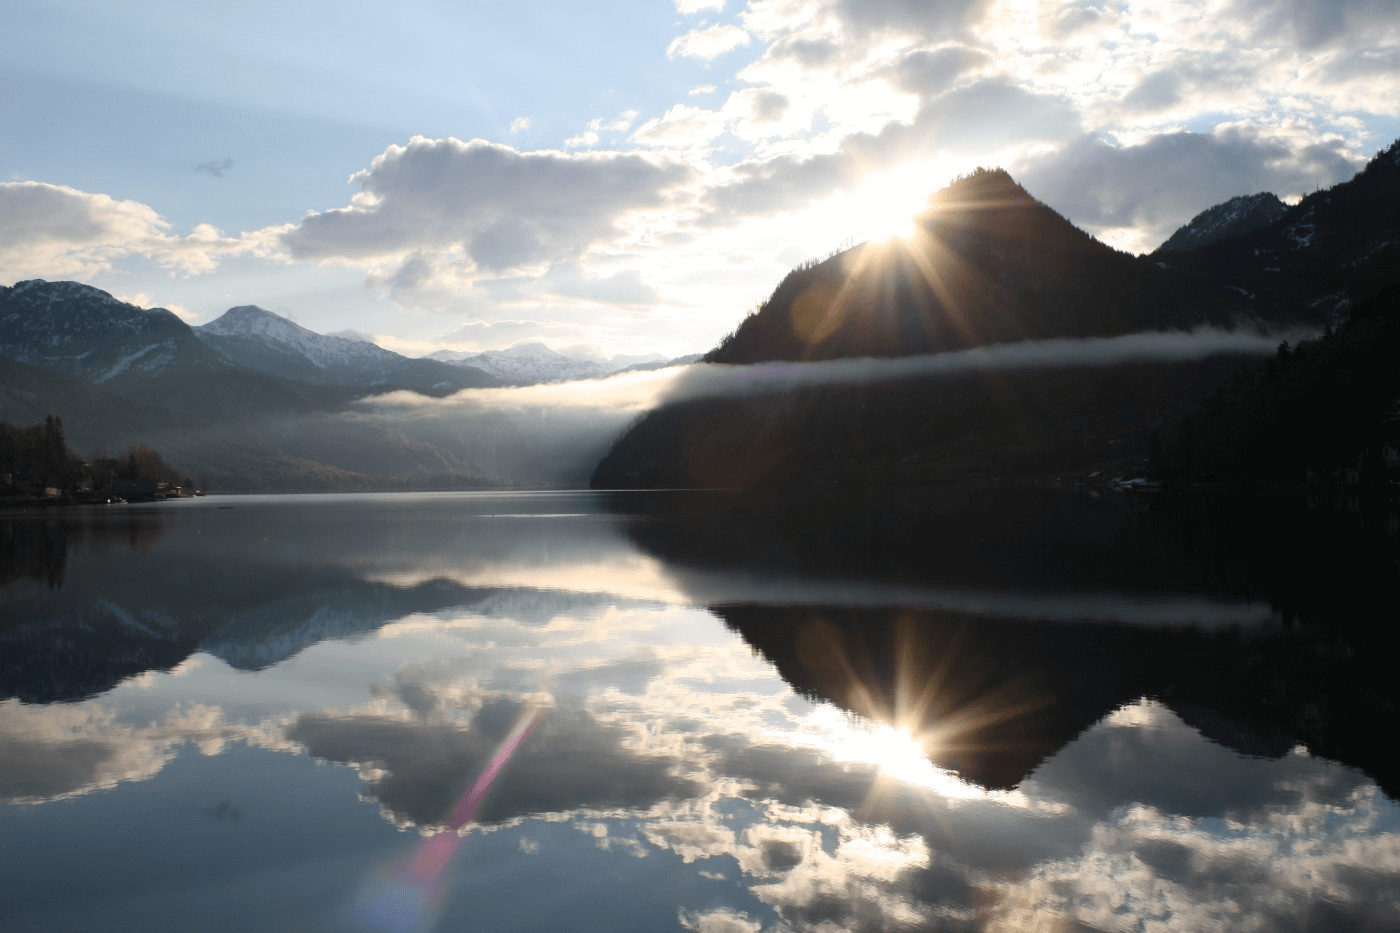 Der Grundlsee mit einer wunderschönen spiegelung der Sonne hinter einem Berg.